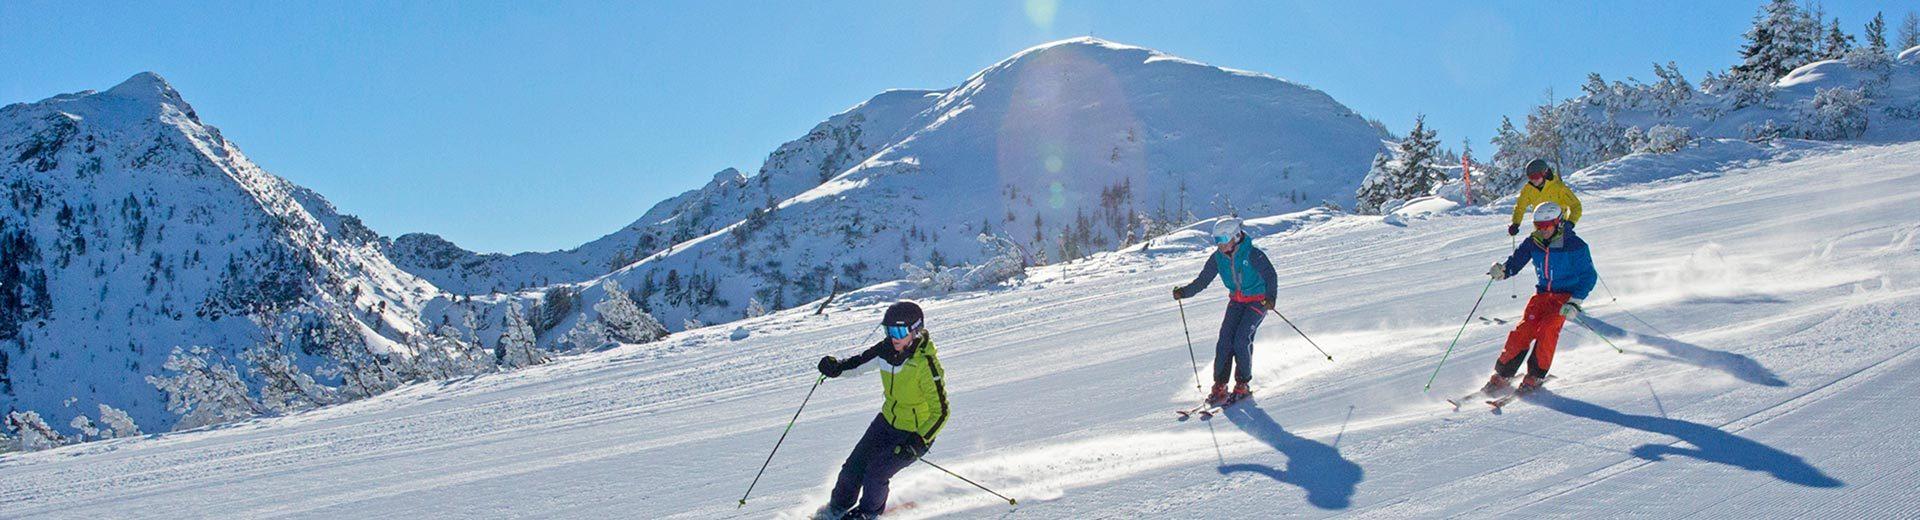 Skiurlaub Schladming Dachstein 3